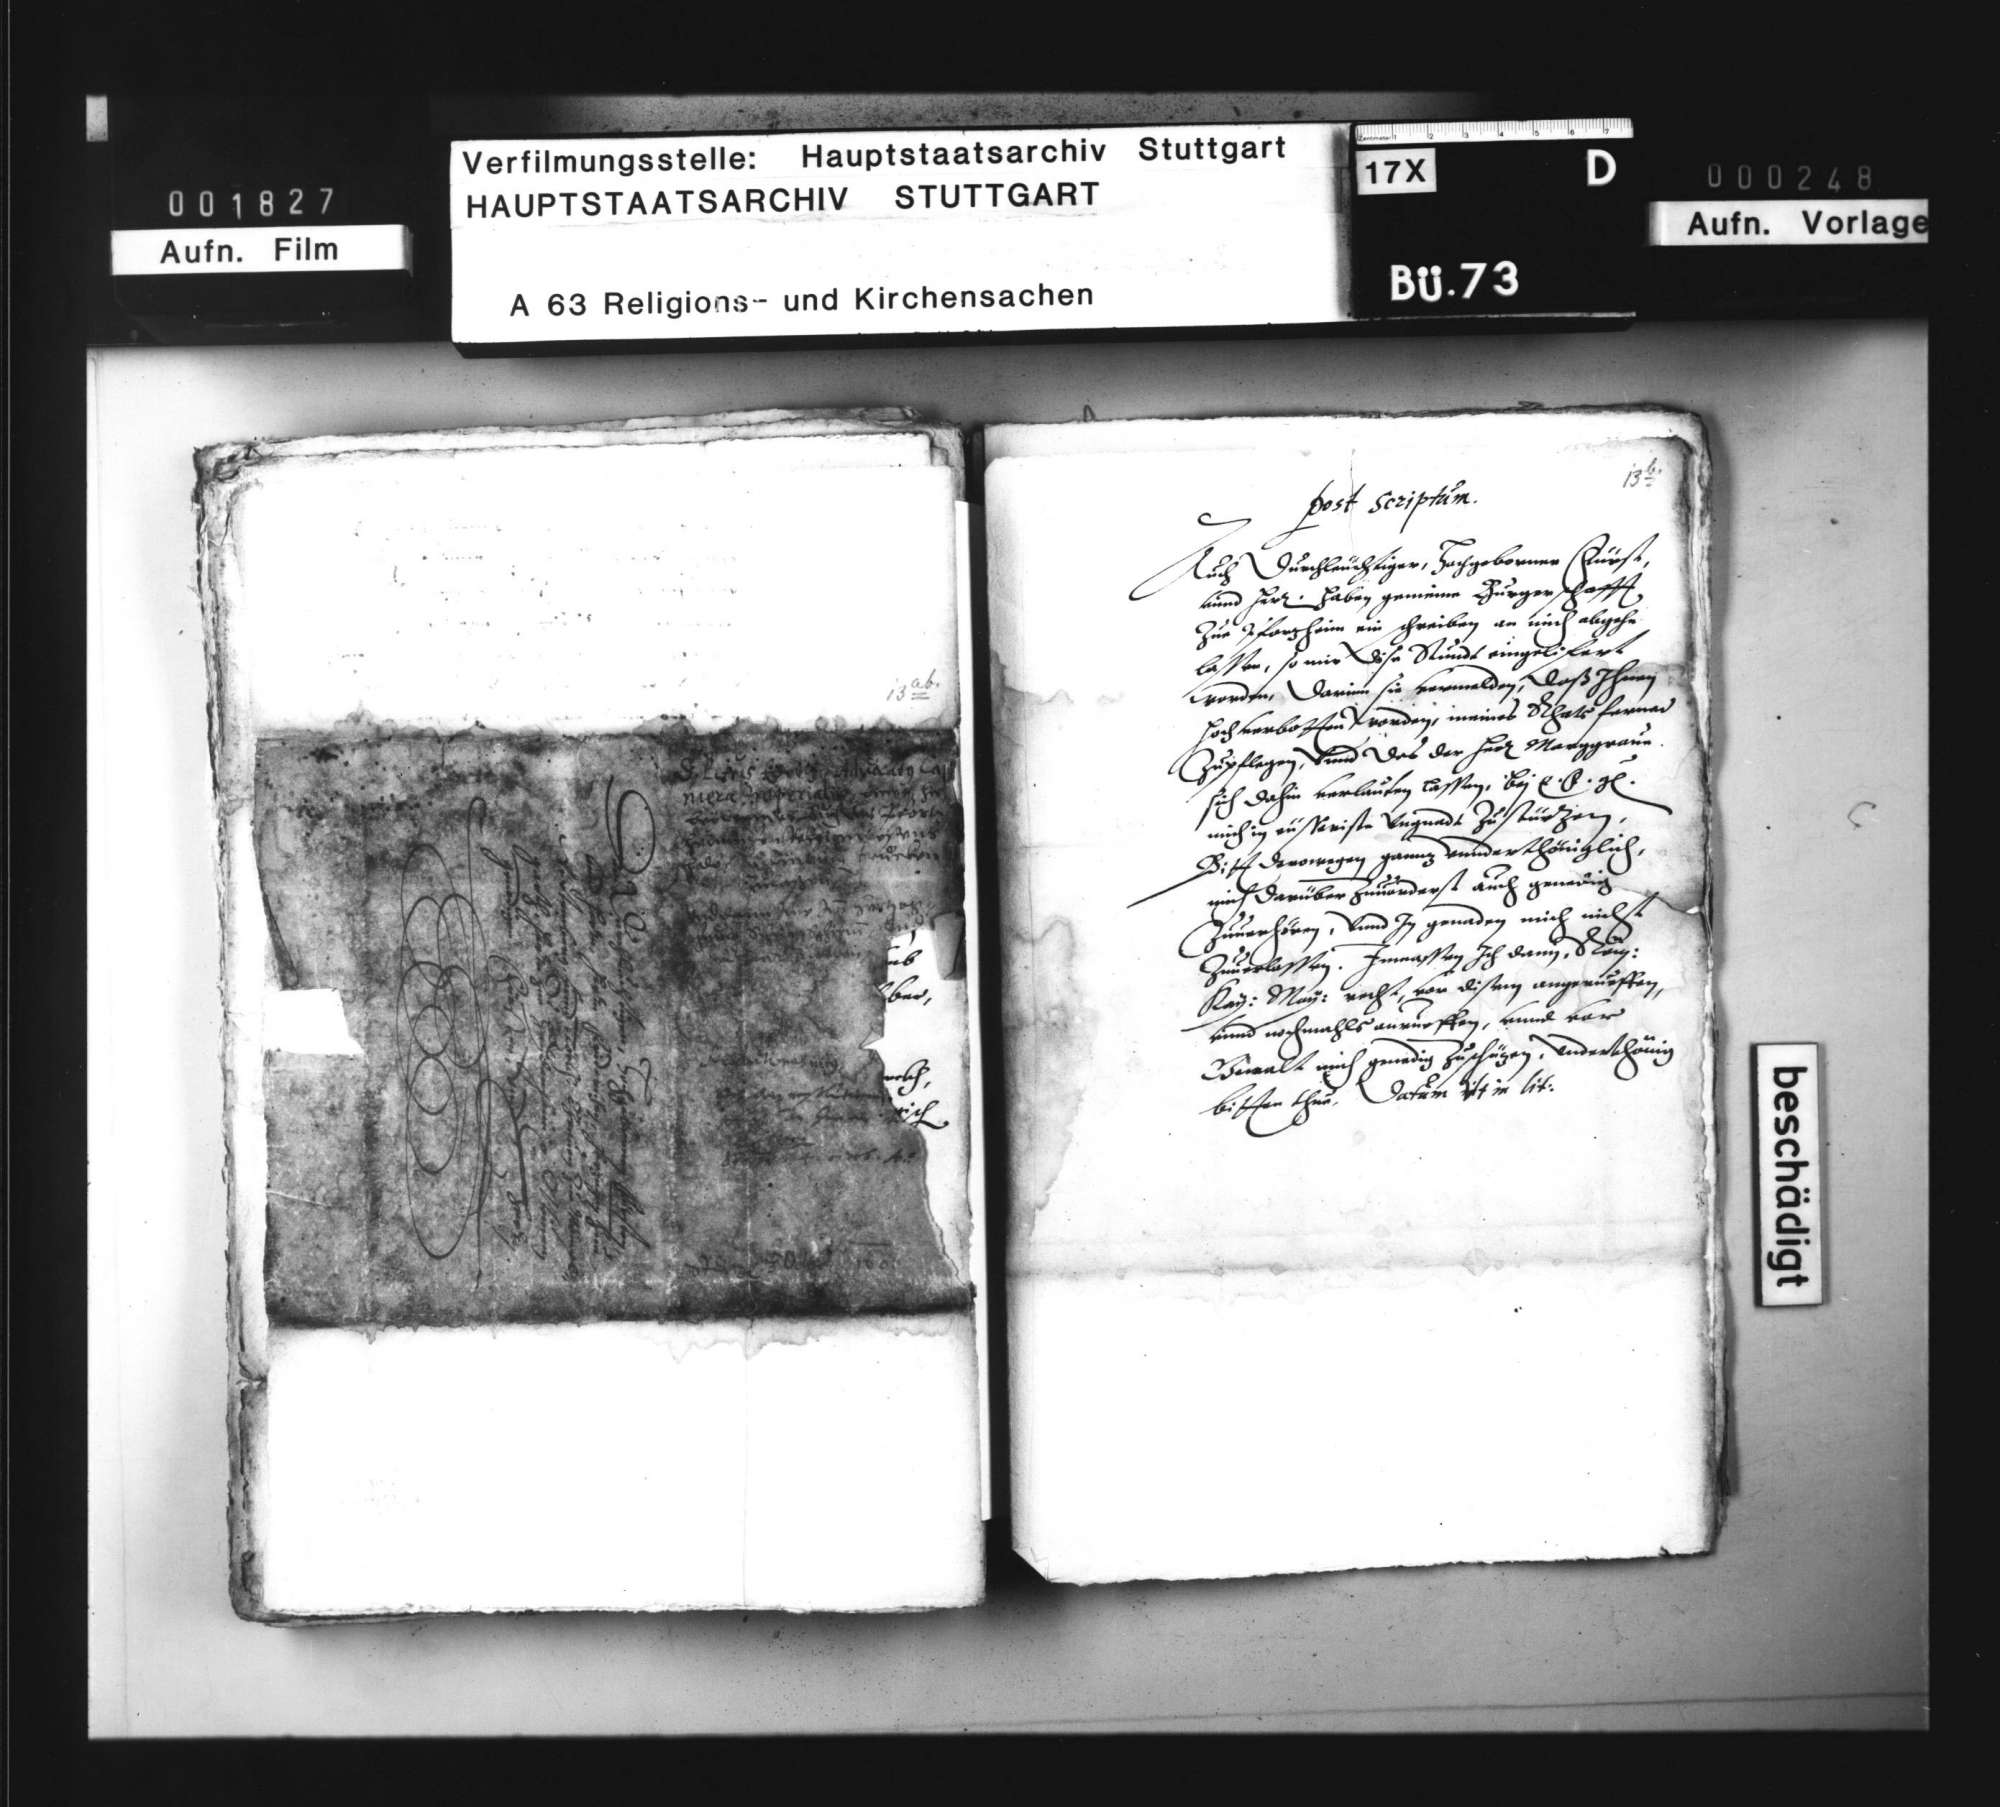 Korrespondenz bzw. Vorschläge zur Abfassung einer Schrift gegen die von Markgraf Ernst Friedrich beabsichtigte Einführung des Calvinismus., Bild 1